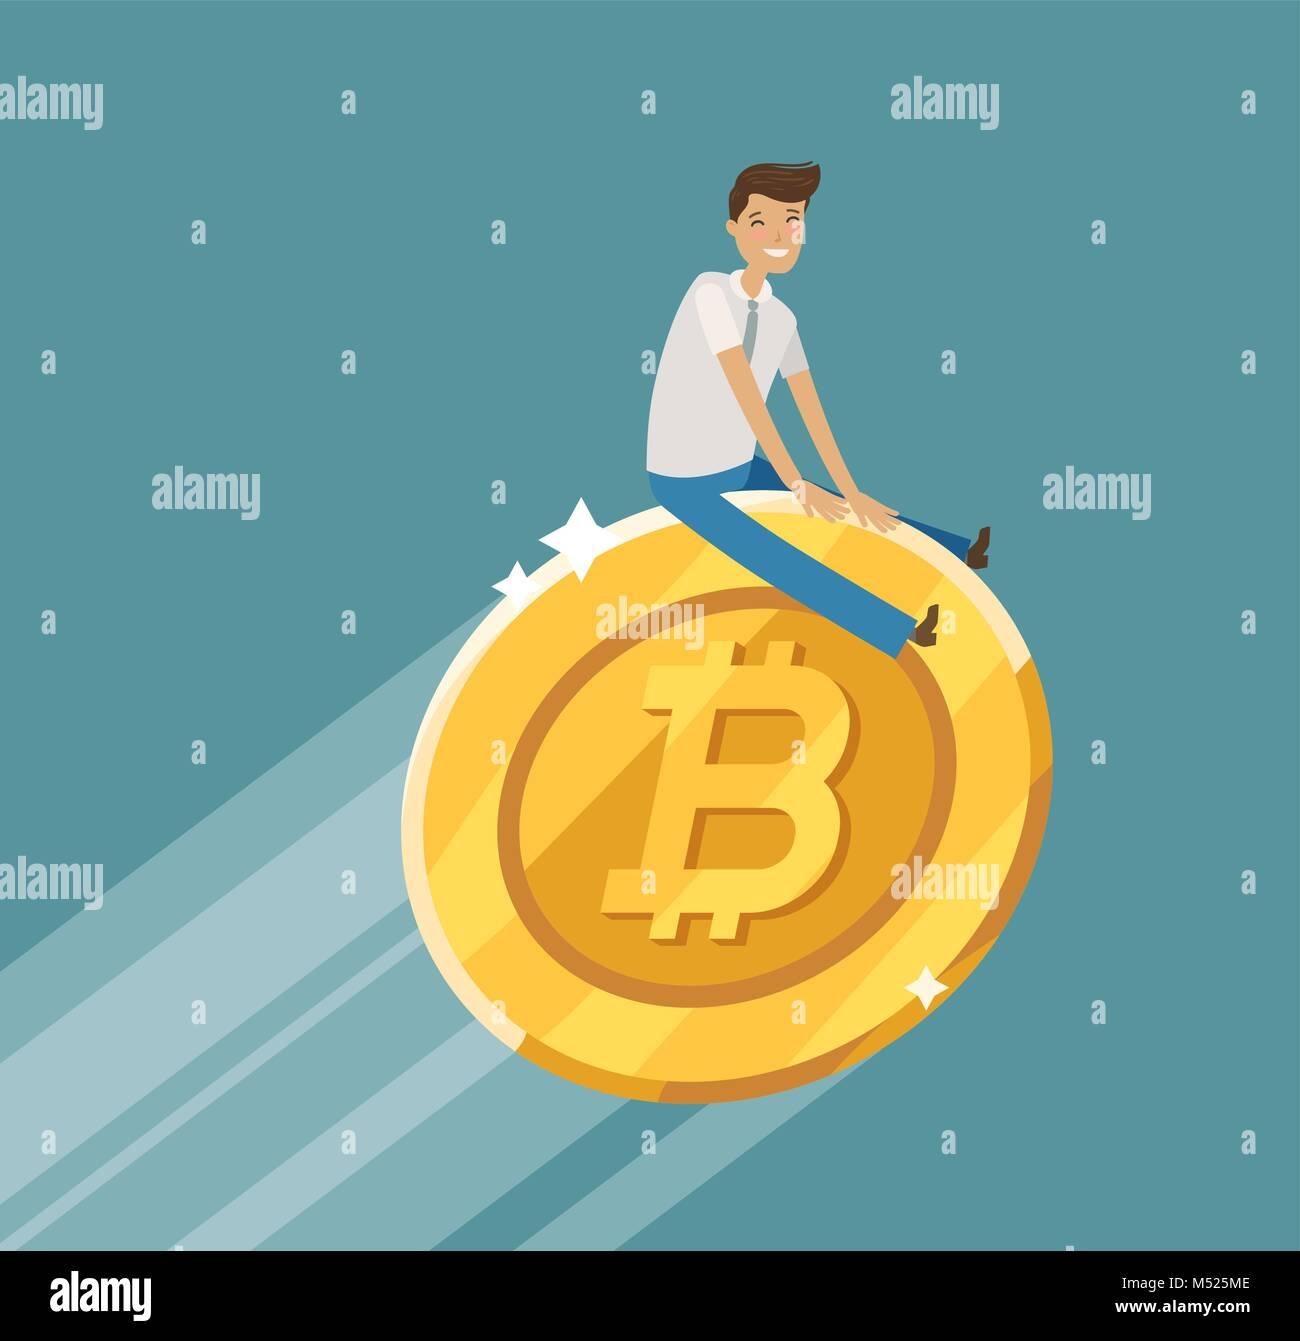 Concepto de negocio. Crypto blockchain Bitcoin moneda. Ilustración vectorial de dibujos animados Imagen De Stock